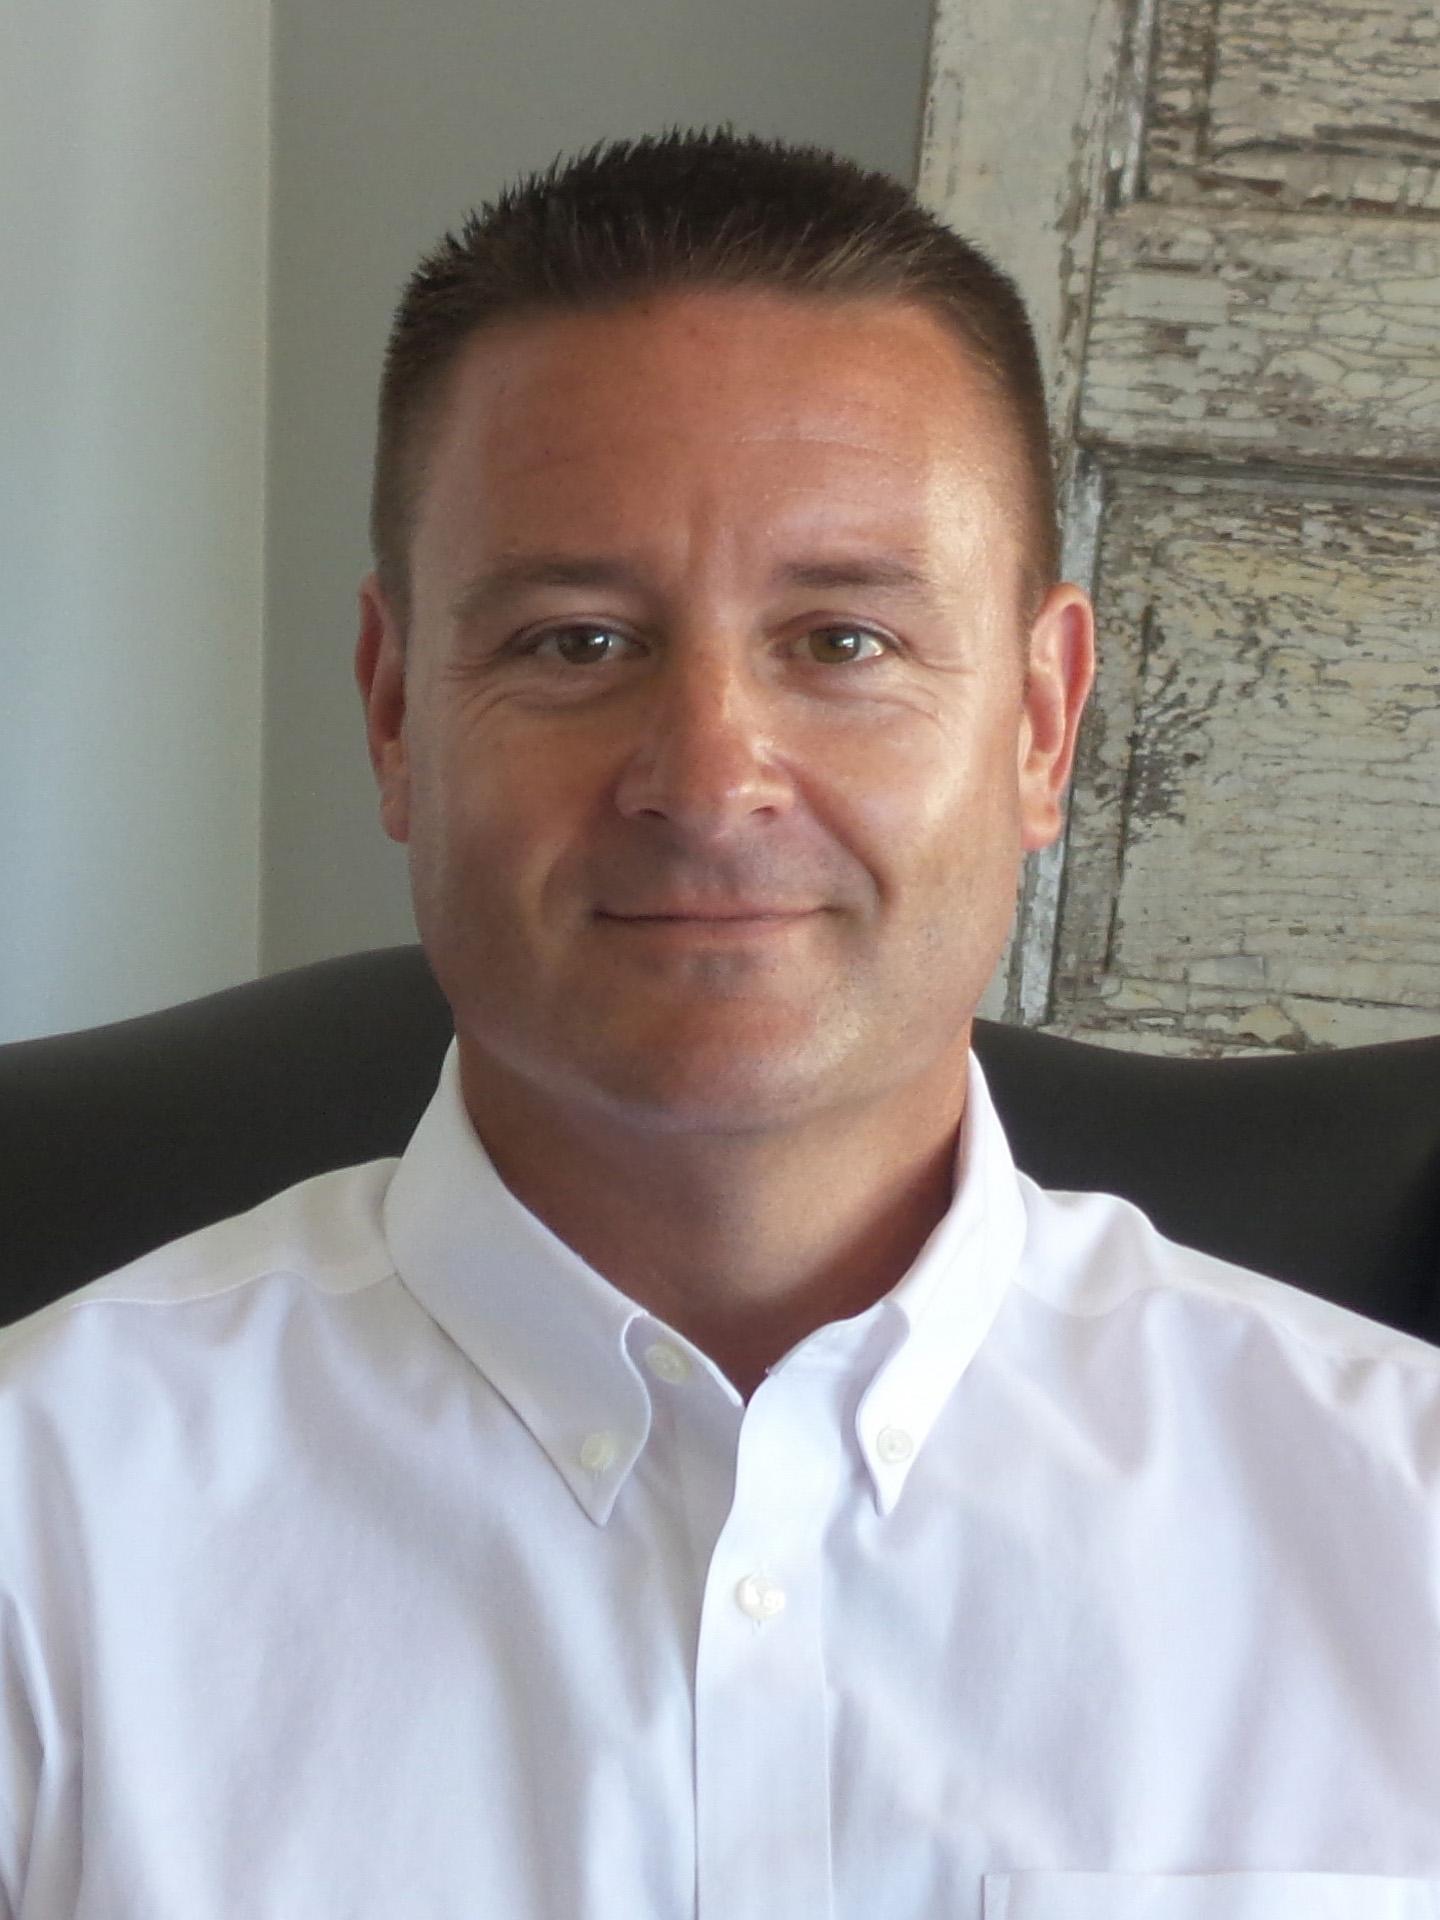 Grant MacKenzie